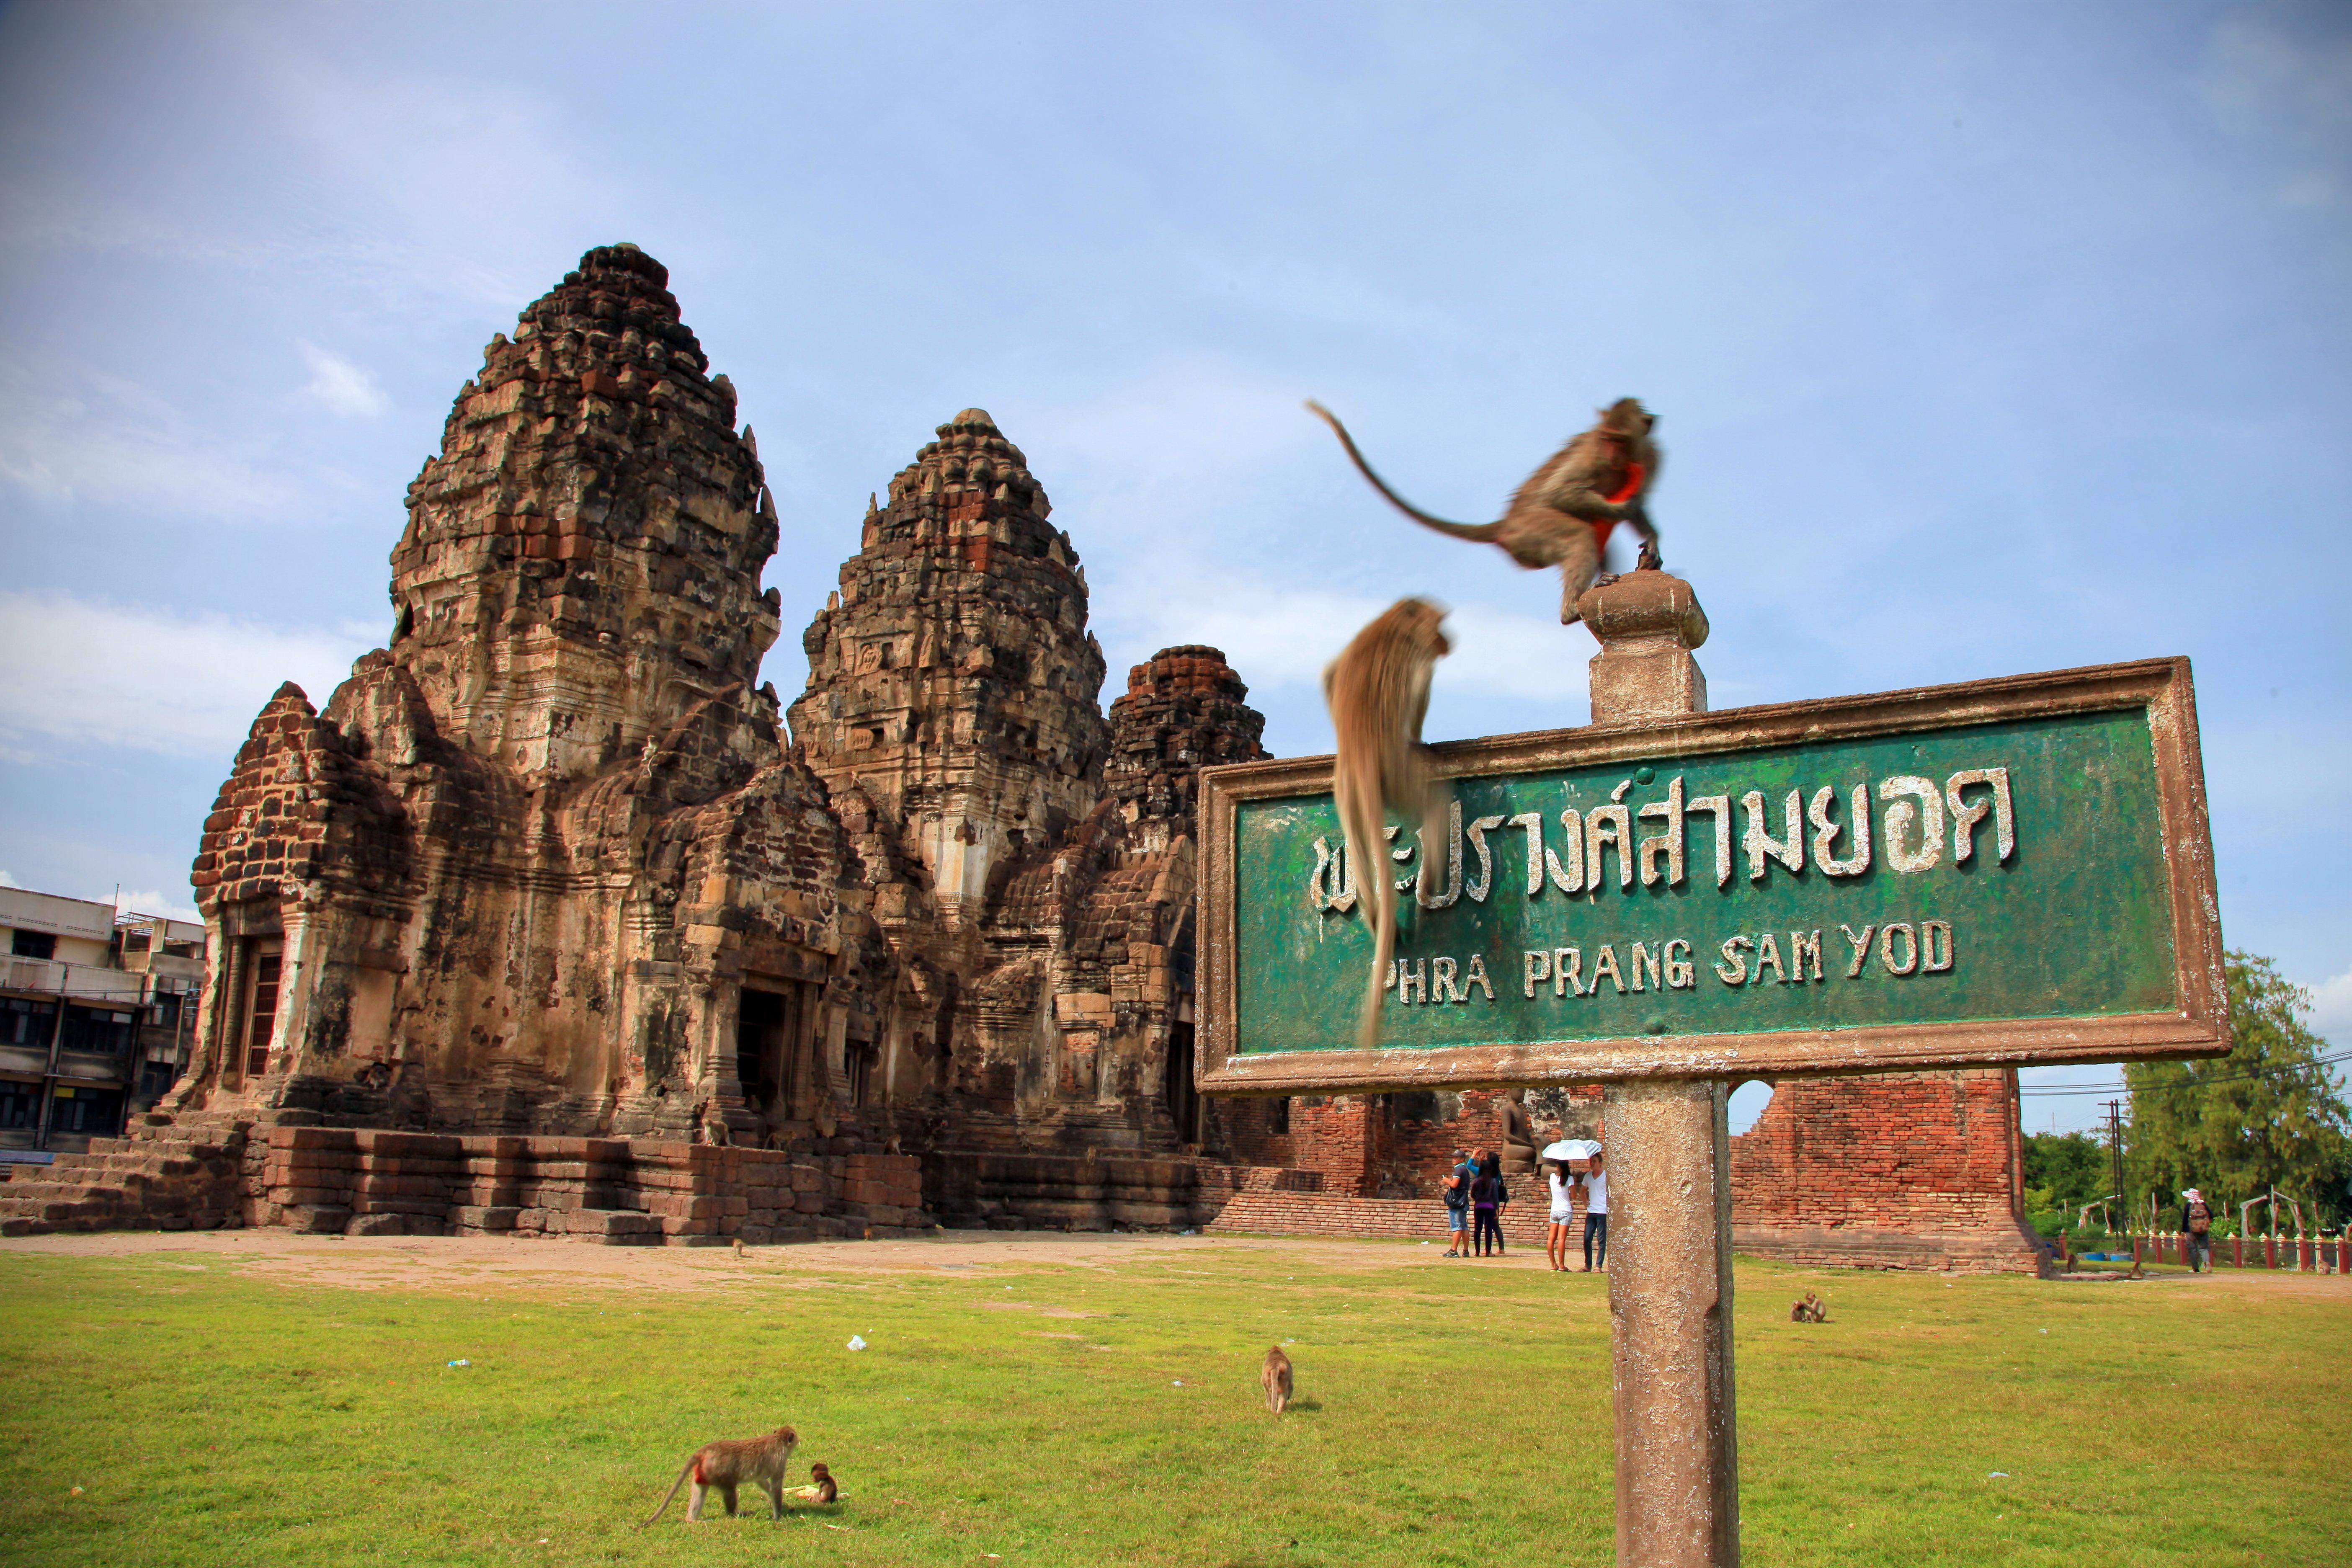 Una visita inolvidable a la Ciudad de los Monos - Tailandia Gran Viaje Tailandia al completo